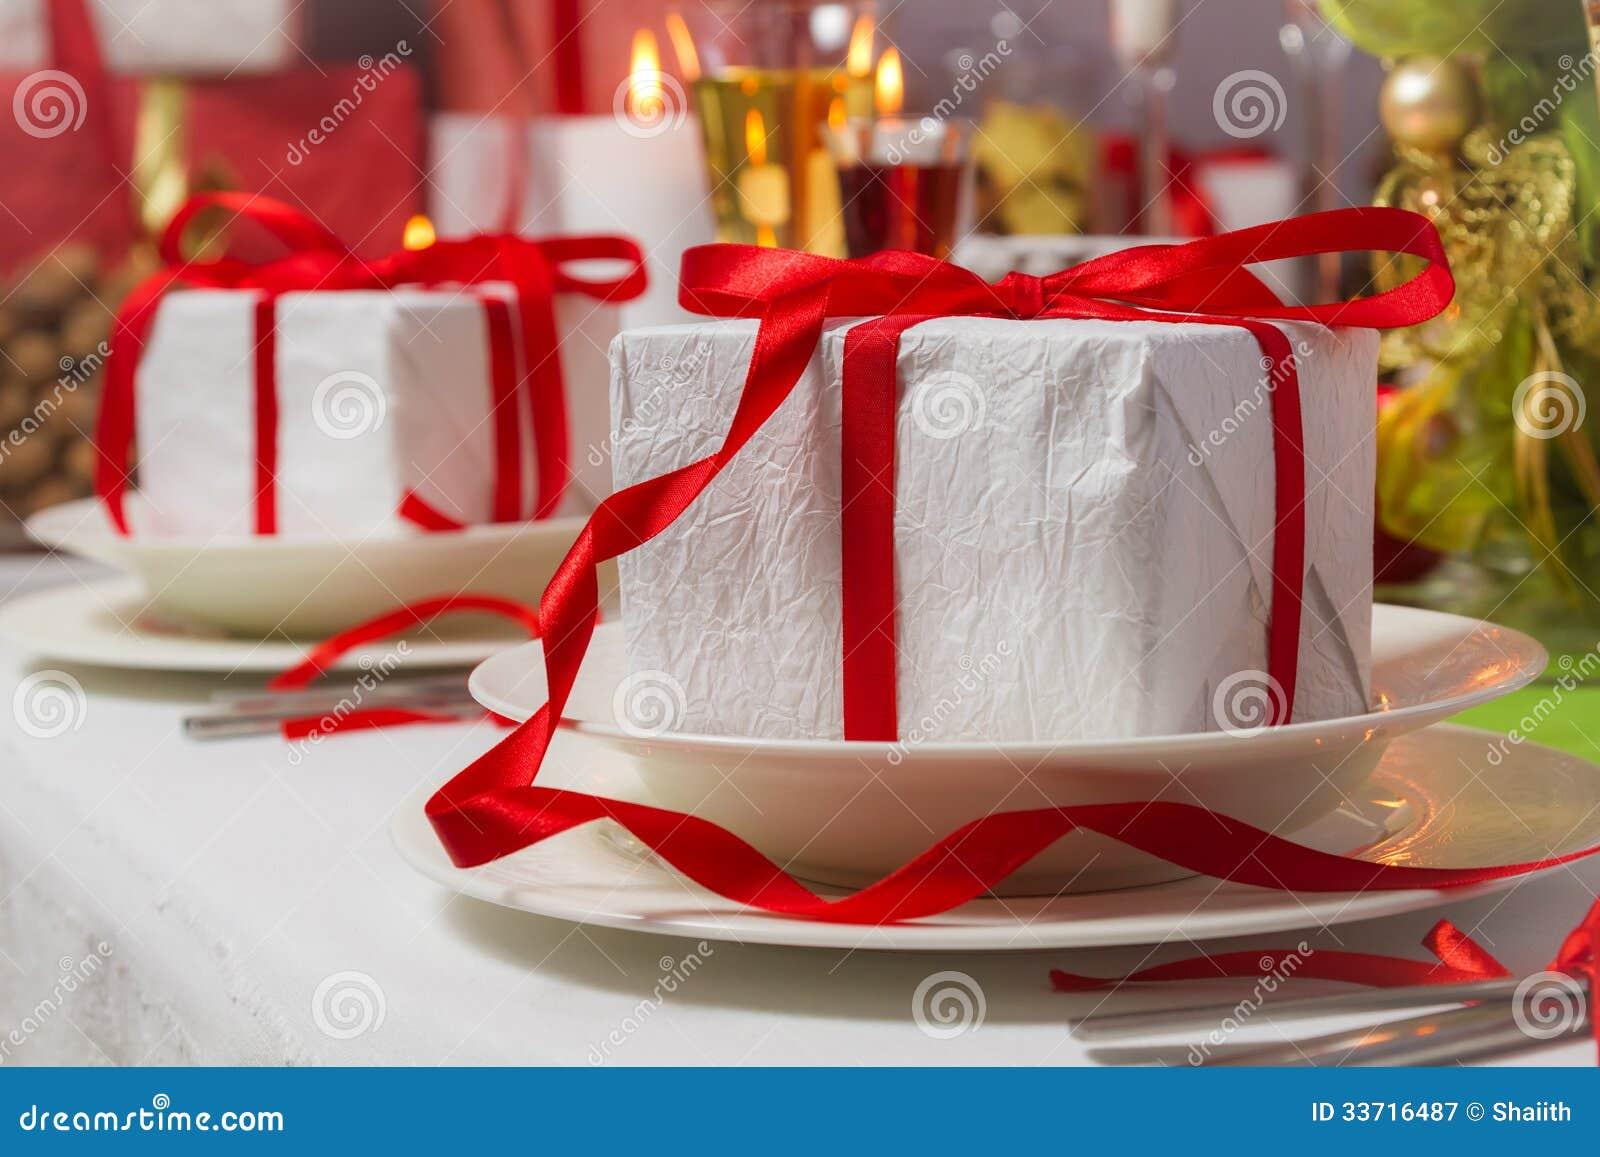 spezielle weihnachtsgeschenke f r jeder auf platten. Black Bedroom Furniture Sets. Home Design Ideas